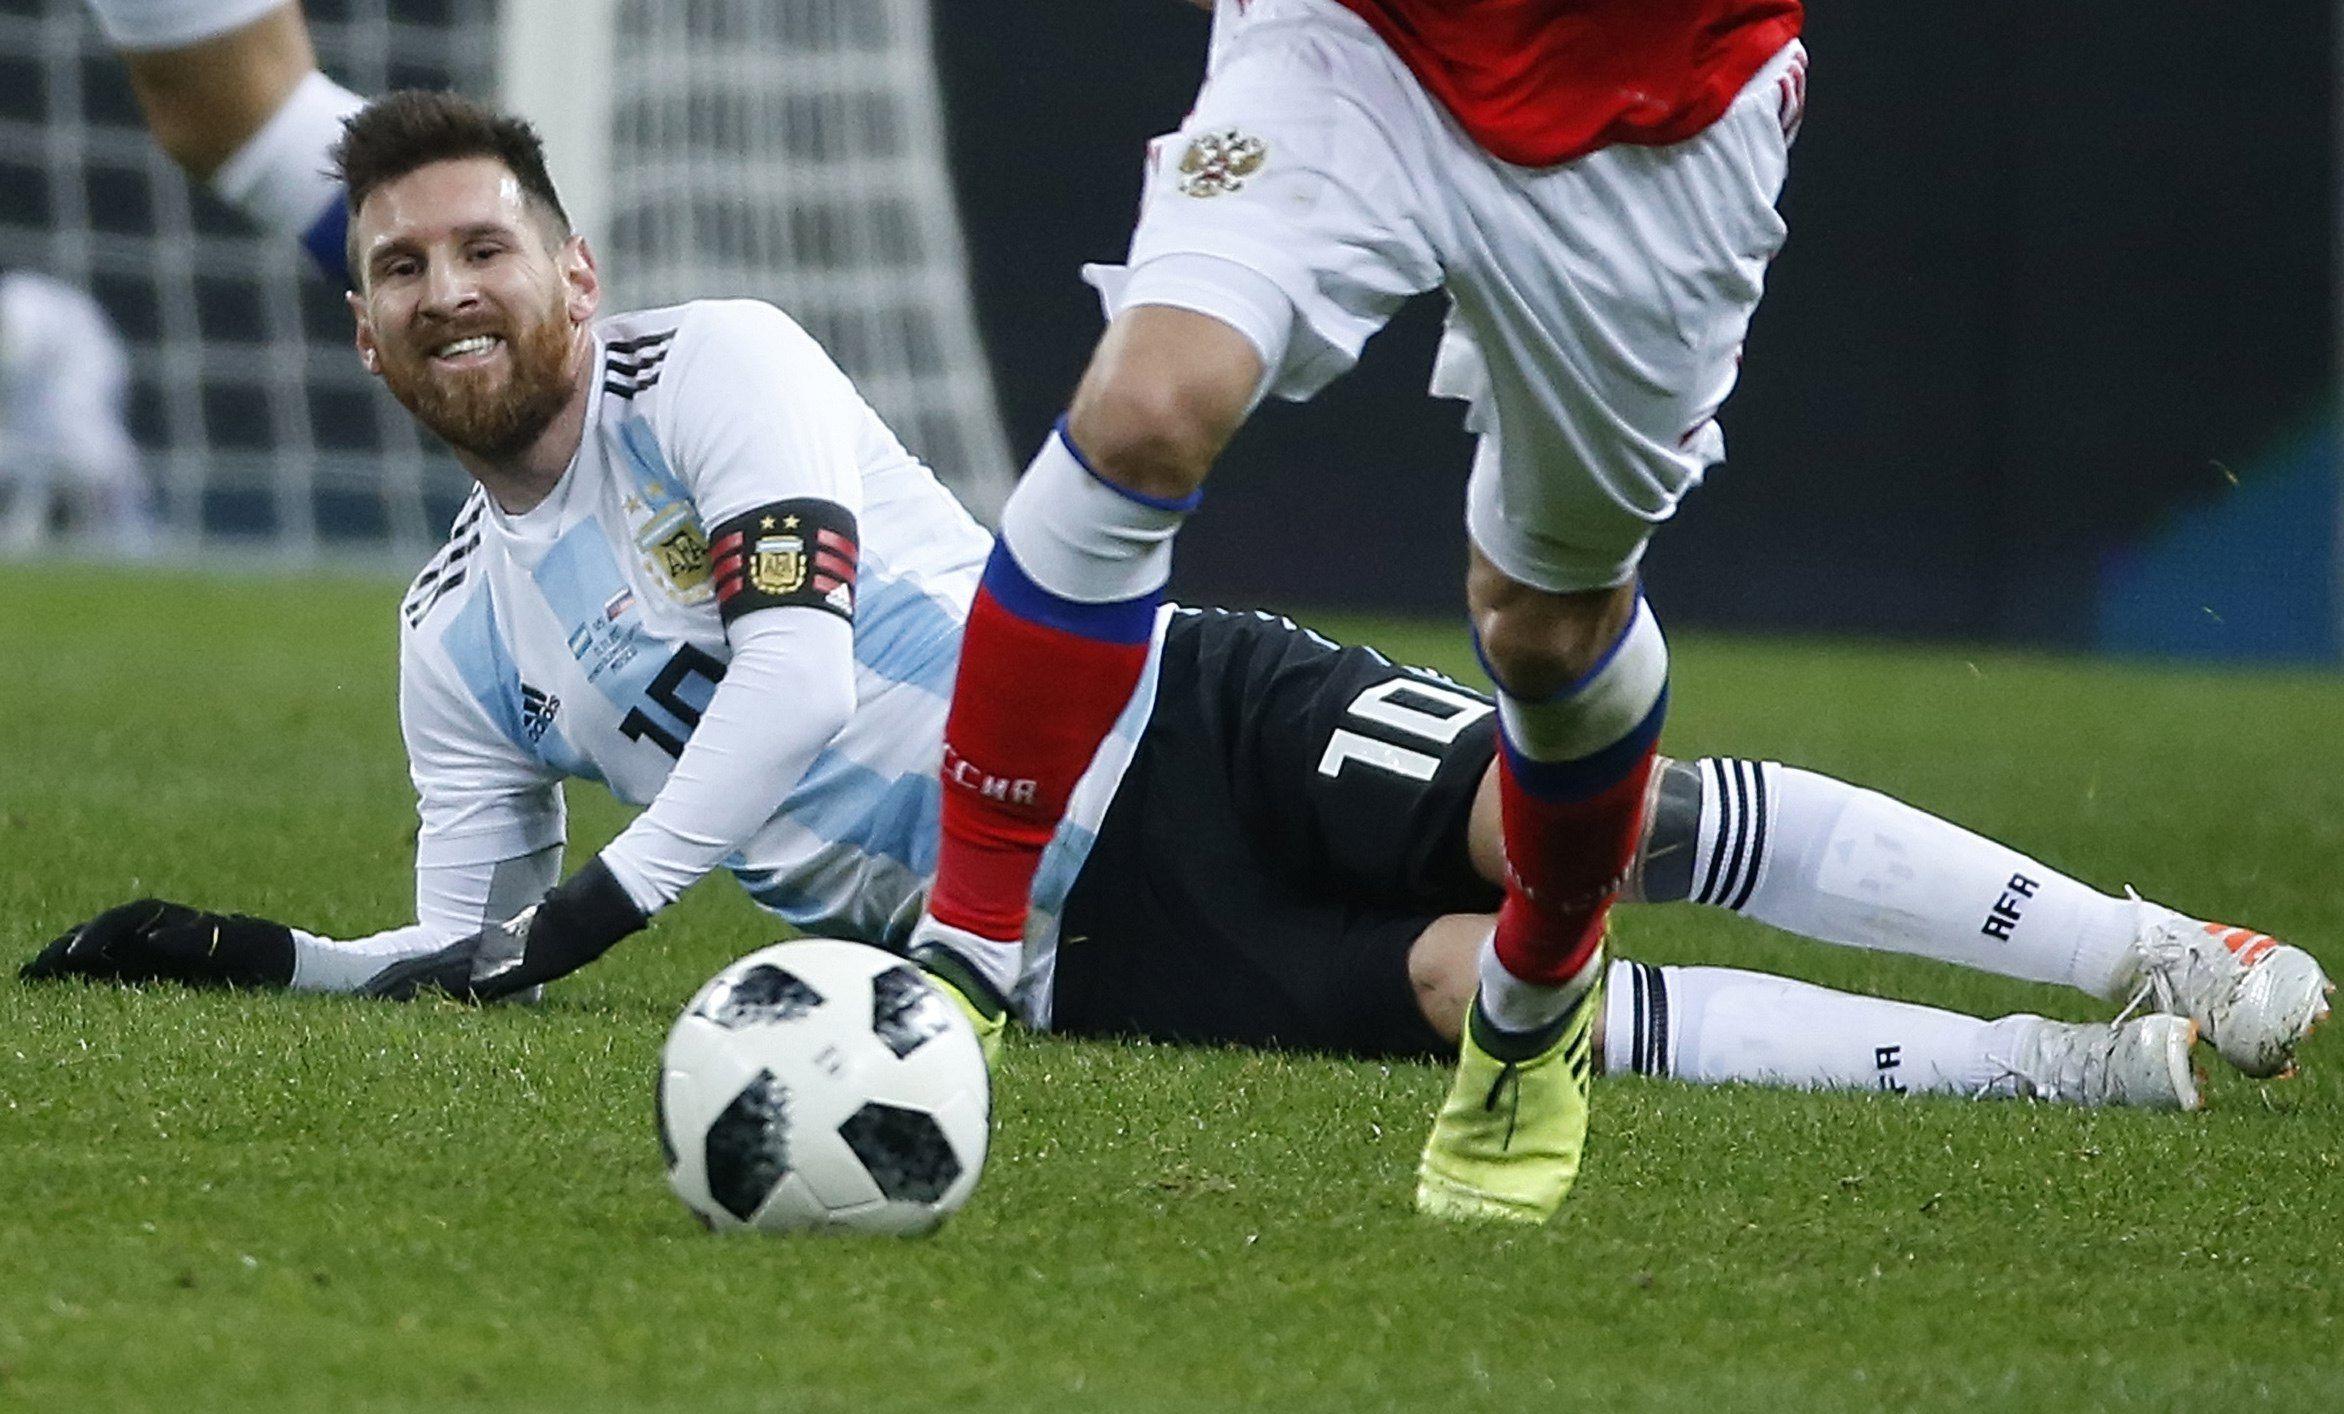 Se viene el sorteo del Mundial: armá el grupo de la Selección argentina